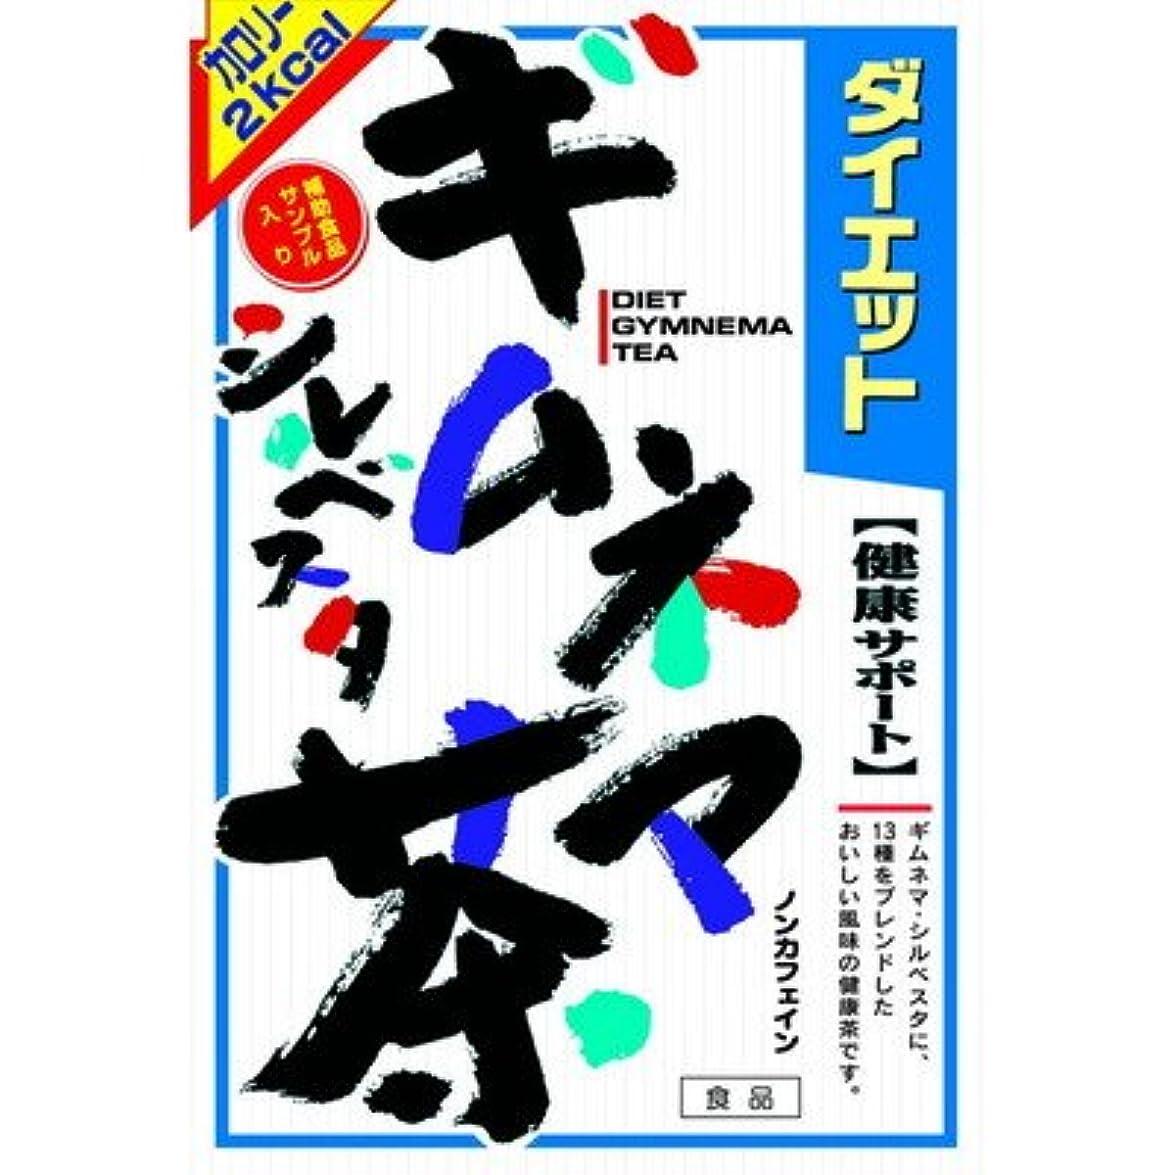 参照競争力のある成功する山本漢方 ダイエットギムネマシルベスタ茶 8g x 24包【2個セット】